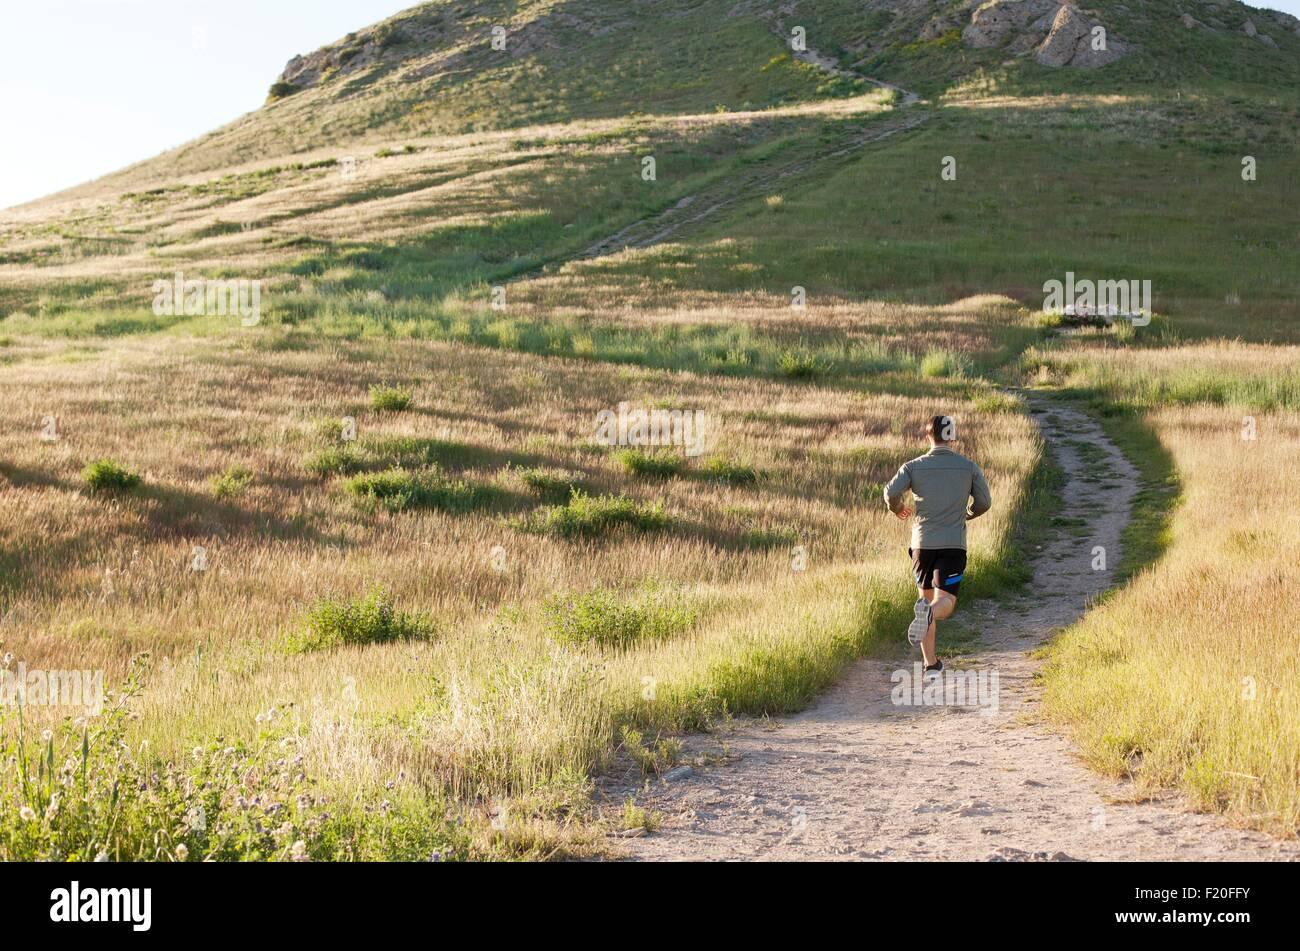 Vista posteriore del giovane maschio runner acceso fino hillside via Immagini Stock